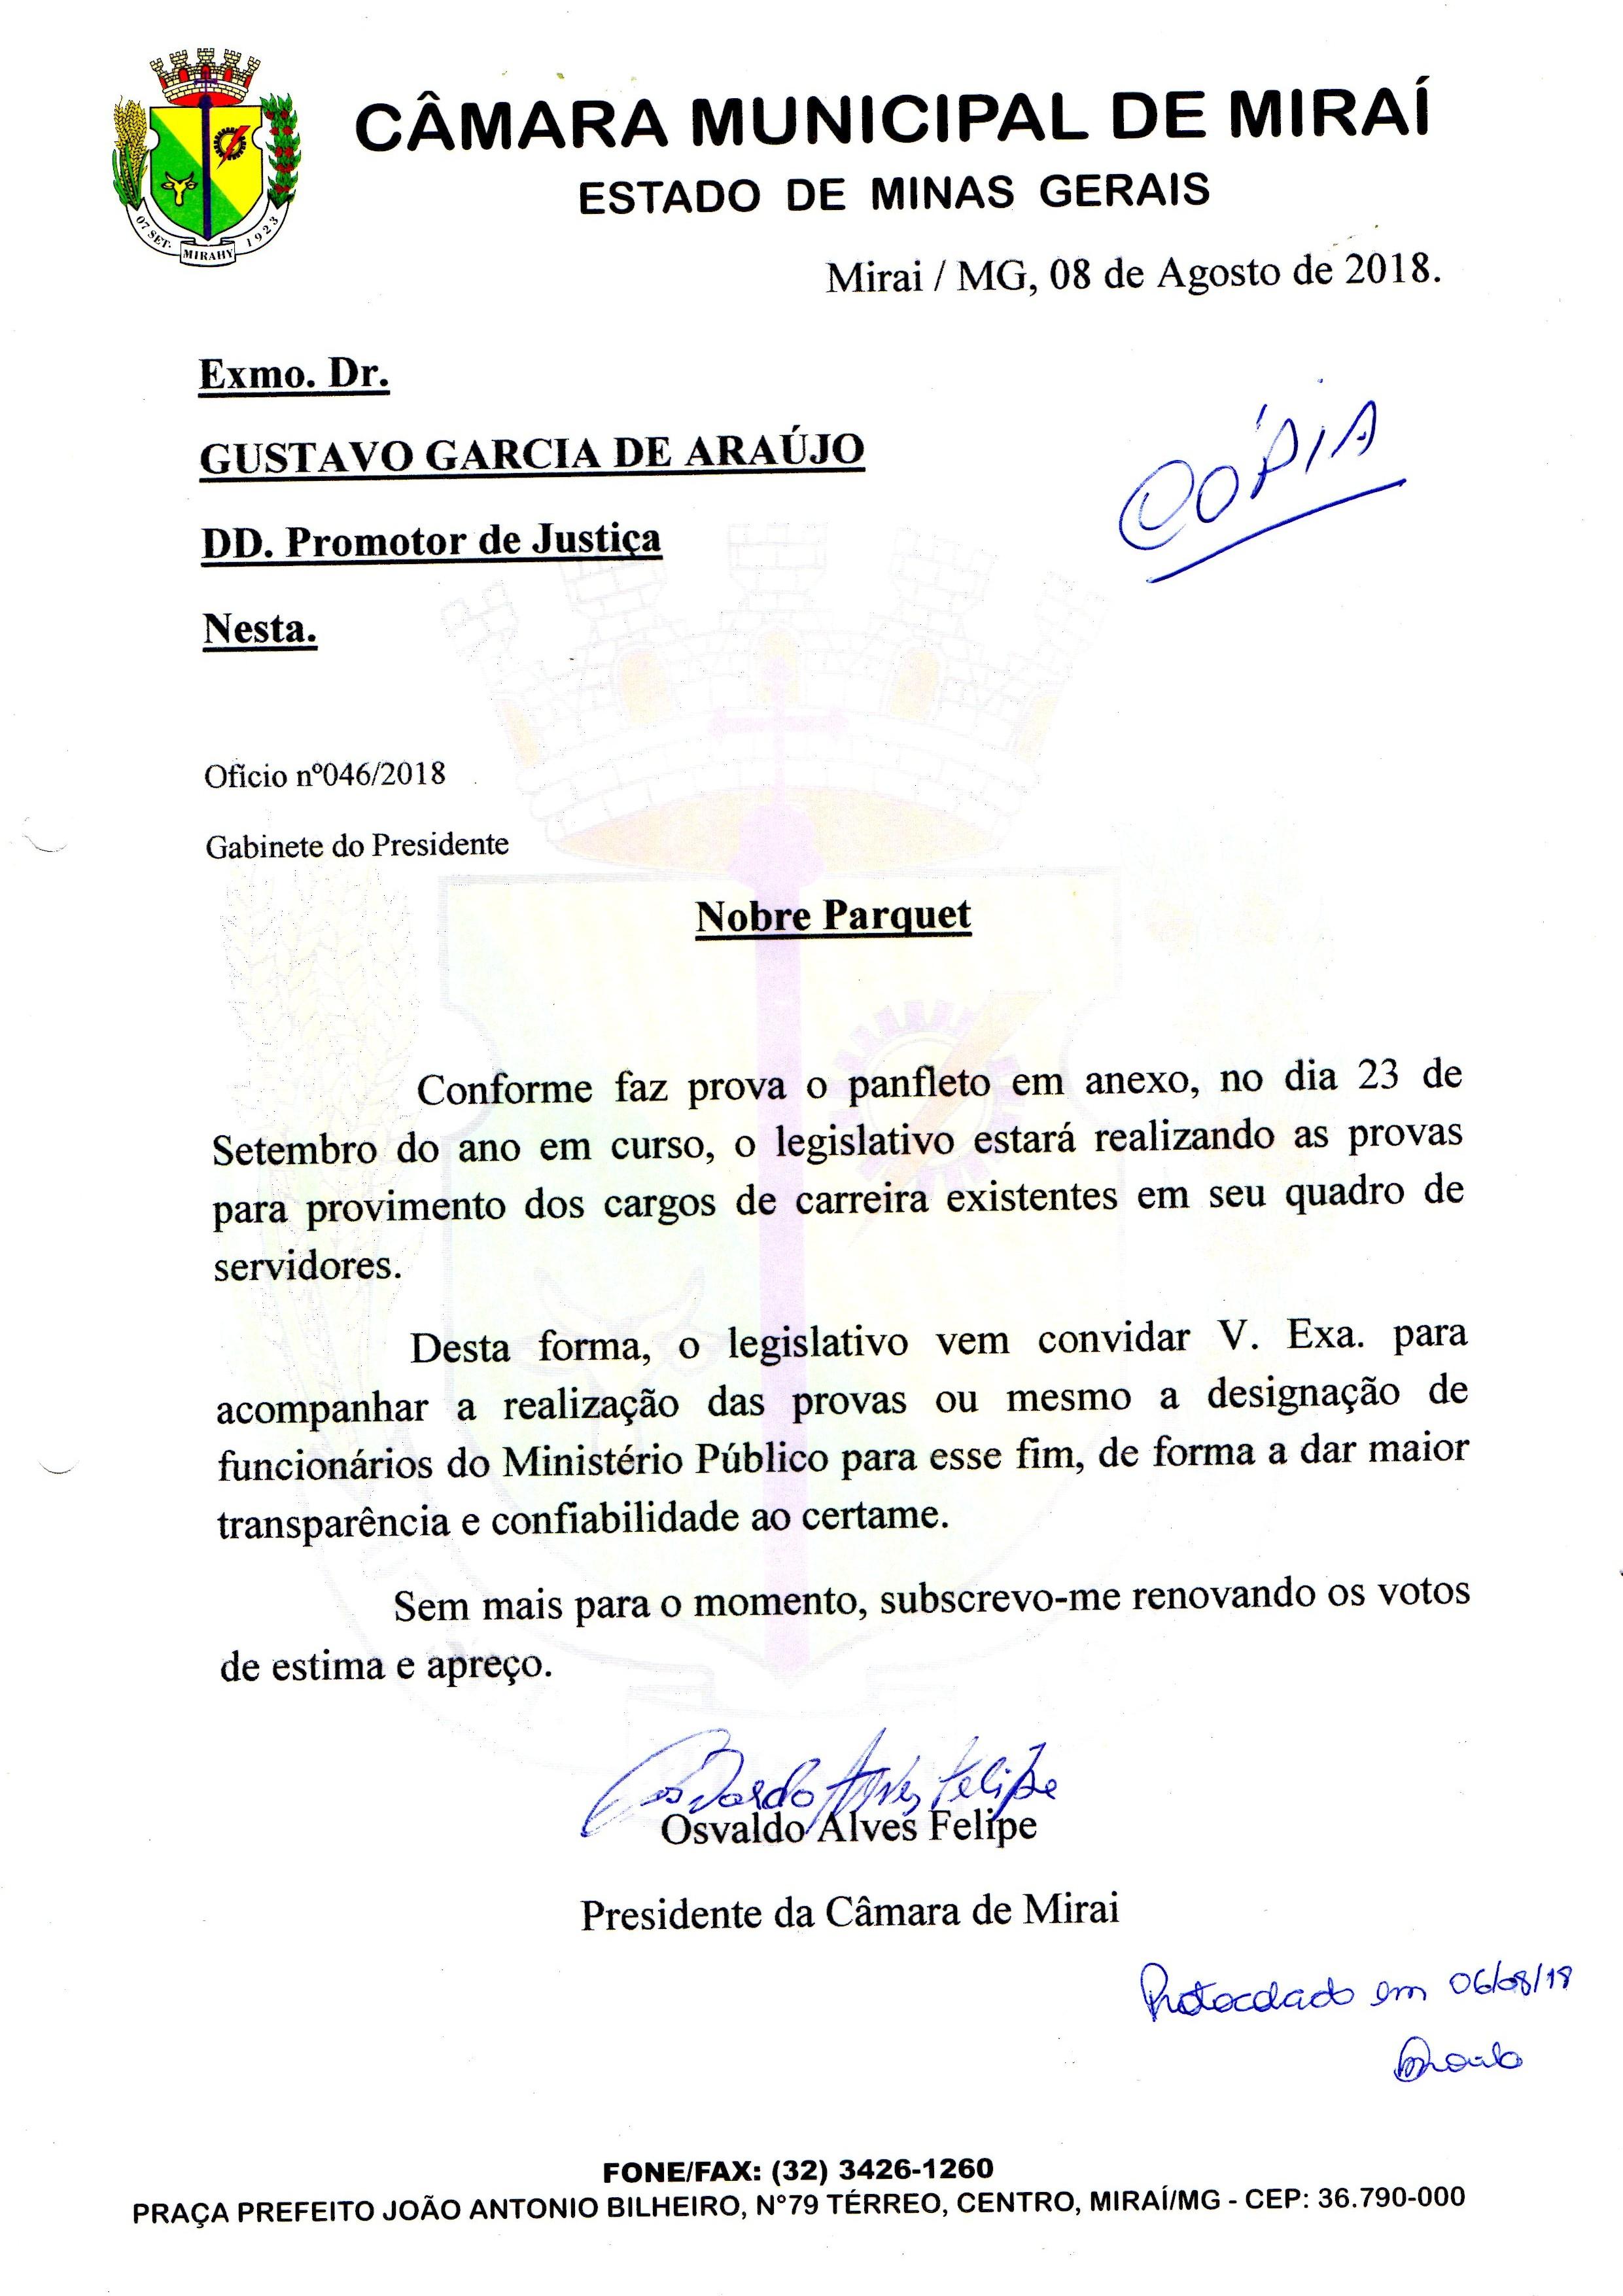 Câmara Munipal de Mirai oficia Ministério Público para que acompanhe a realização das provas do concurso Público.